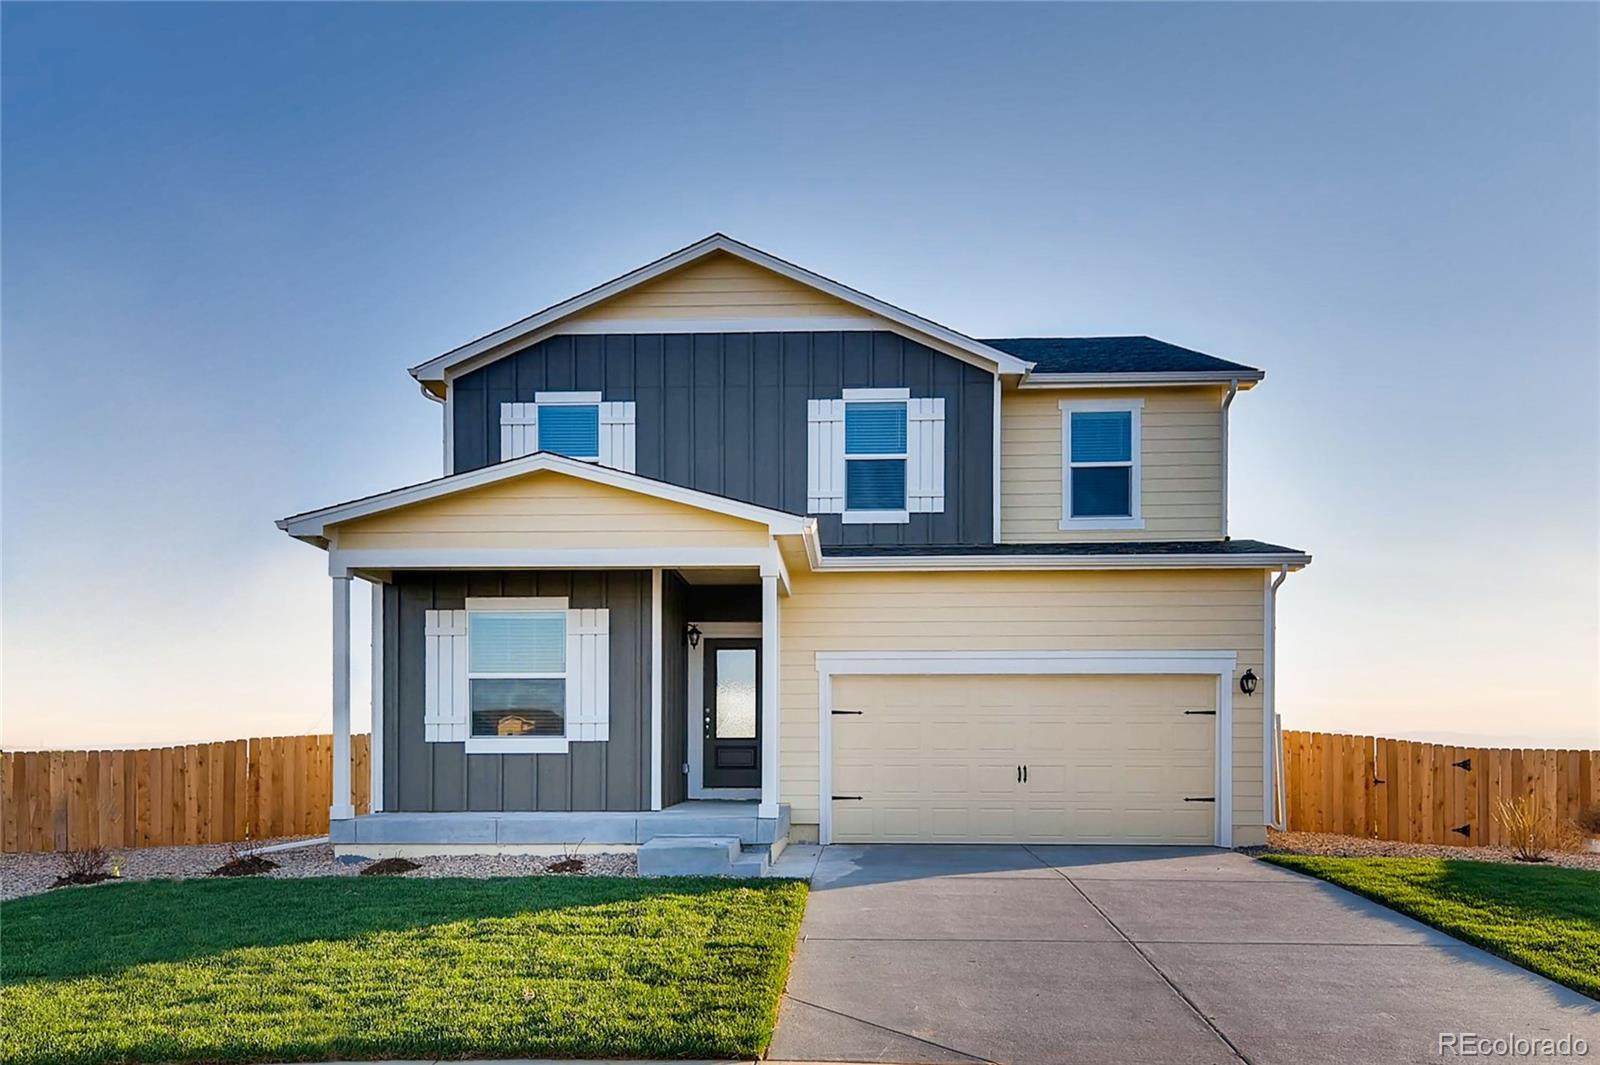 7249 Shavano Avenue, Frederick, CO 80504 - Frederick, CO real estate listing